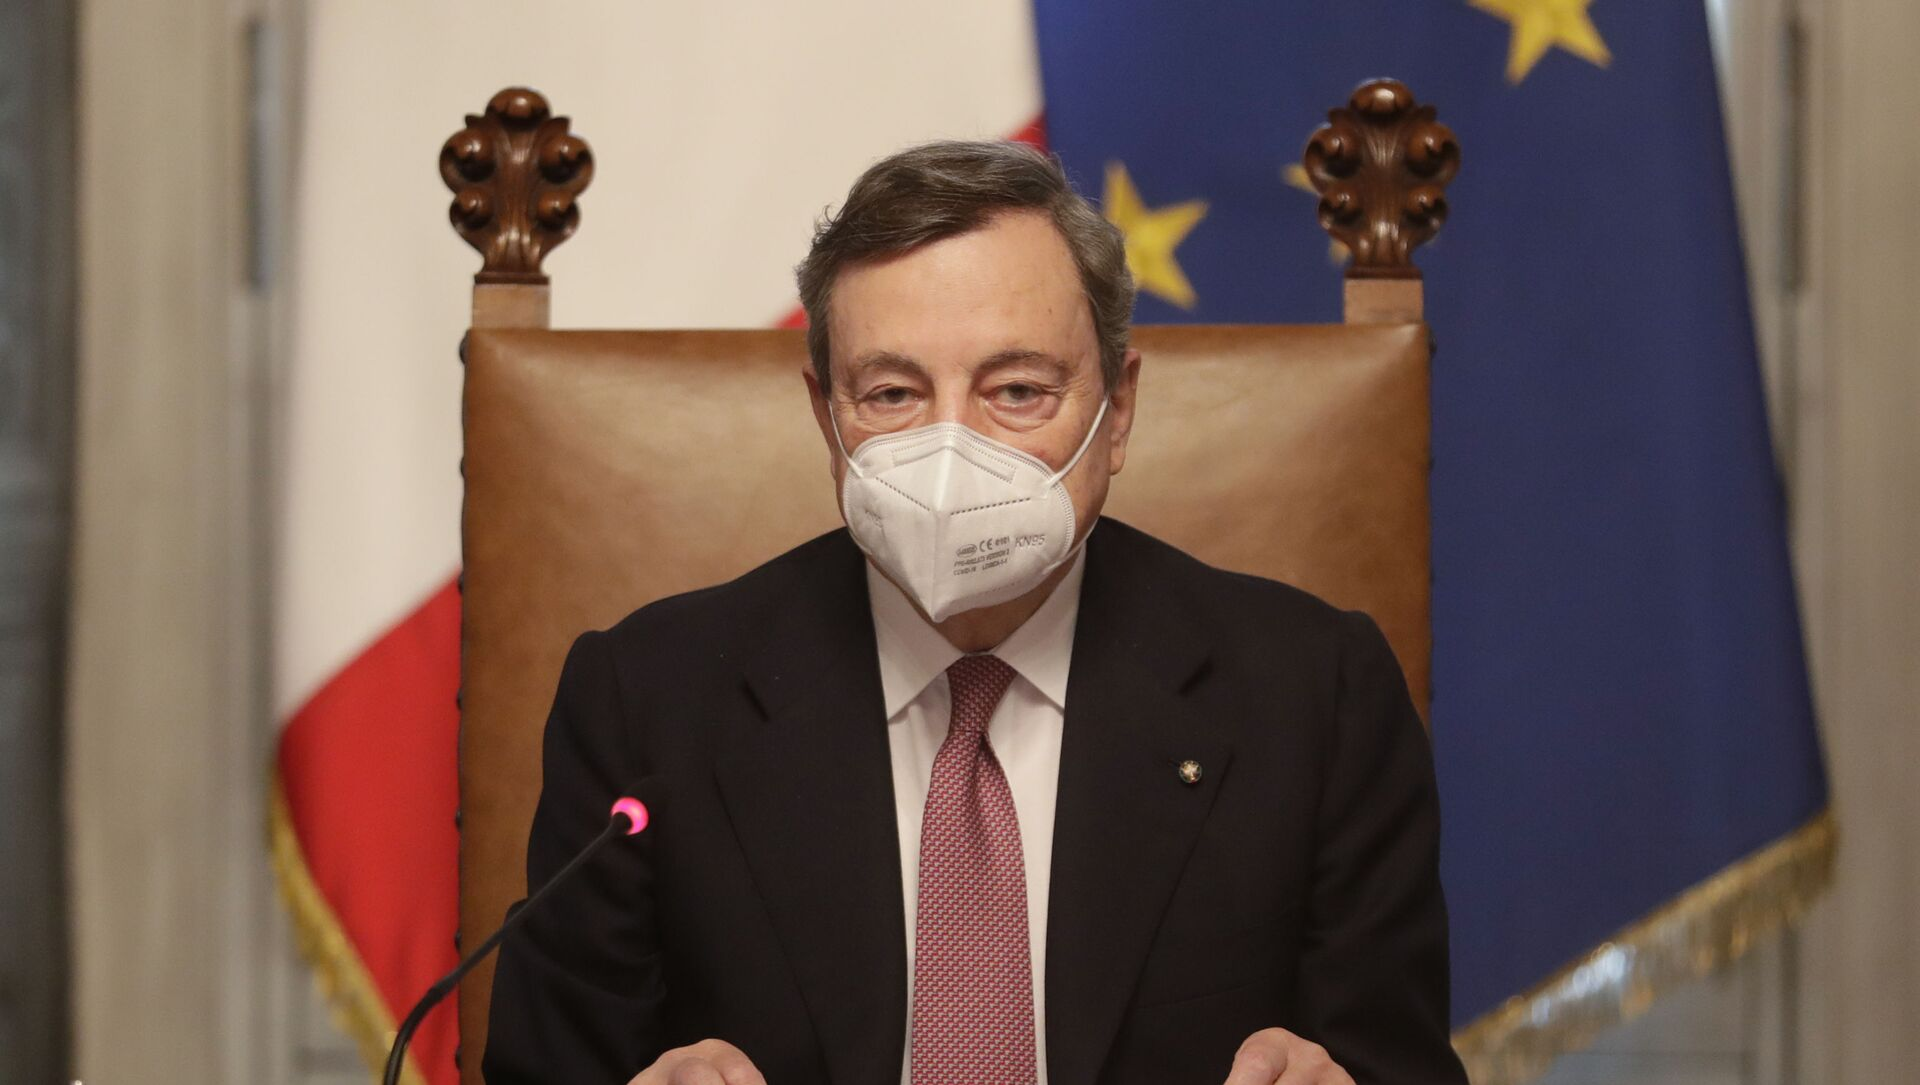 İtalya'nın yeni Başbakanı Draghi - Sputnik Türkiye, 1920, 25.06.2021